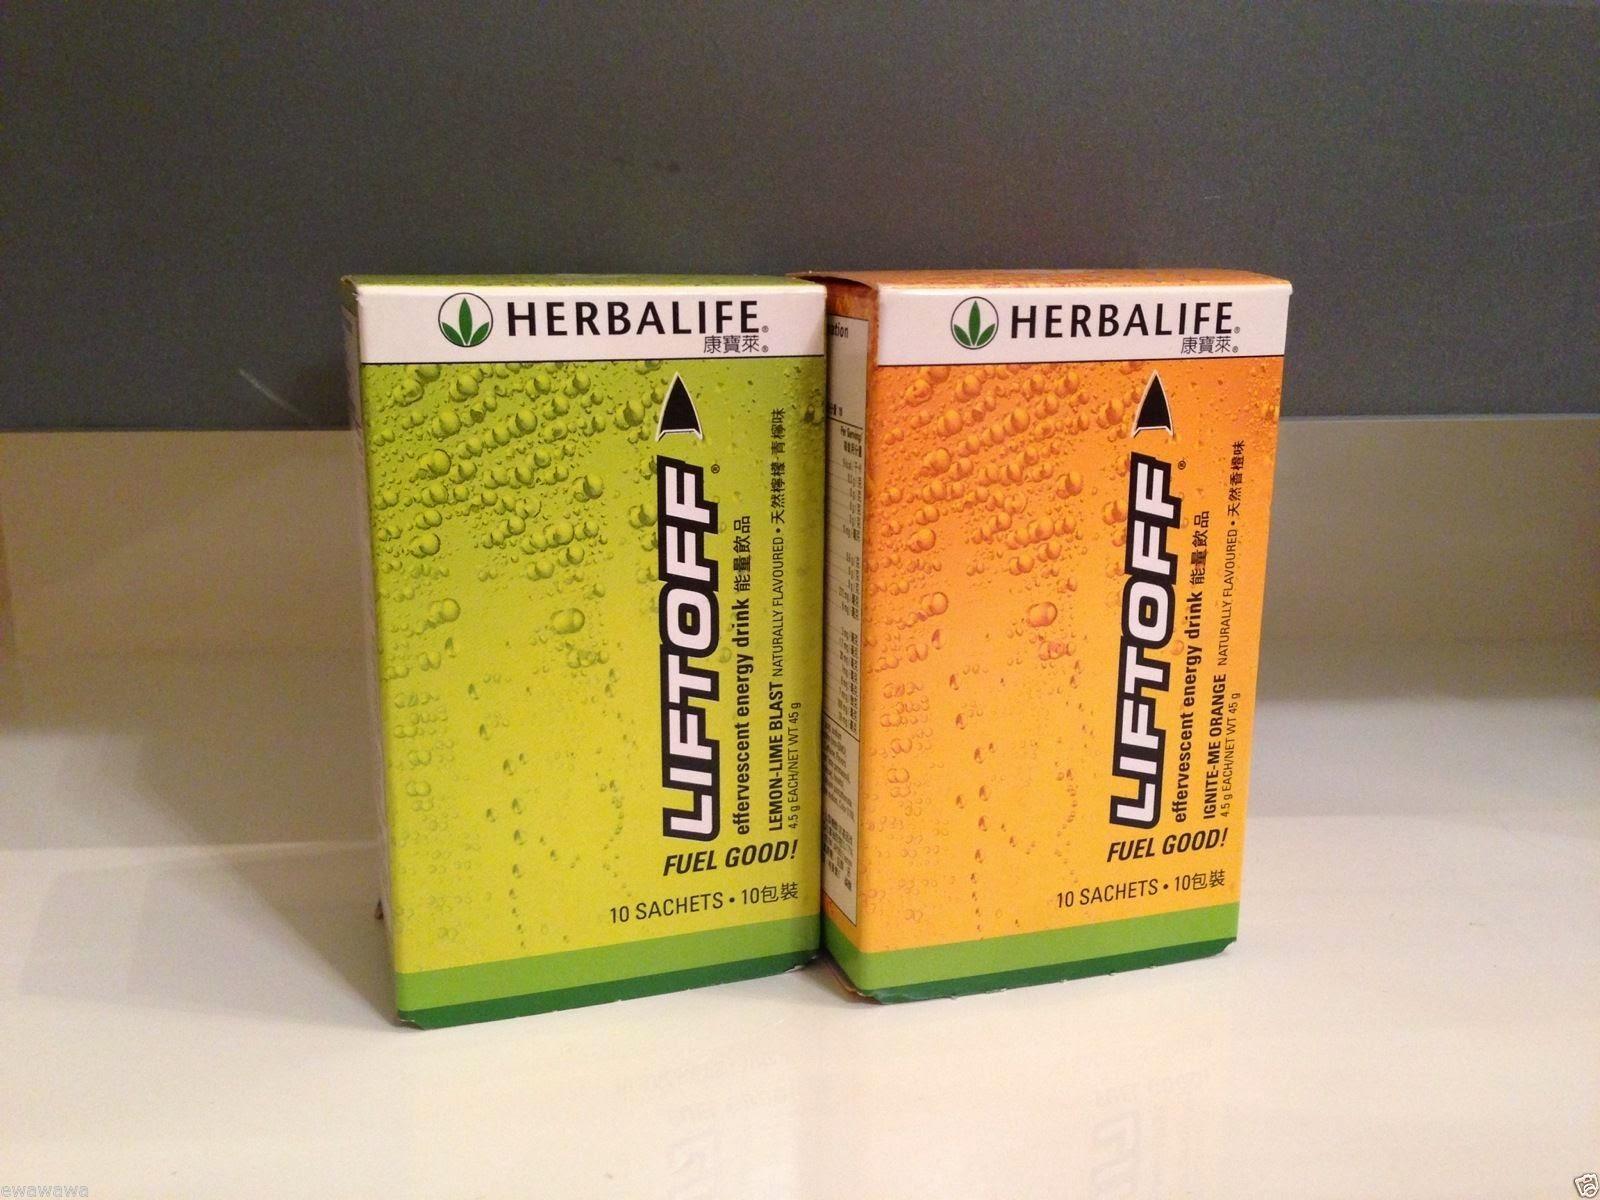 HERBALIFE LIFTOFF ENERGY DRINK (10 SATCHETS) Orange or Lemon